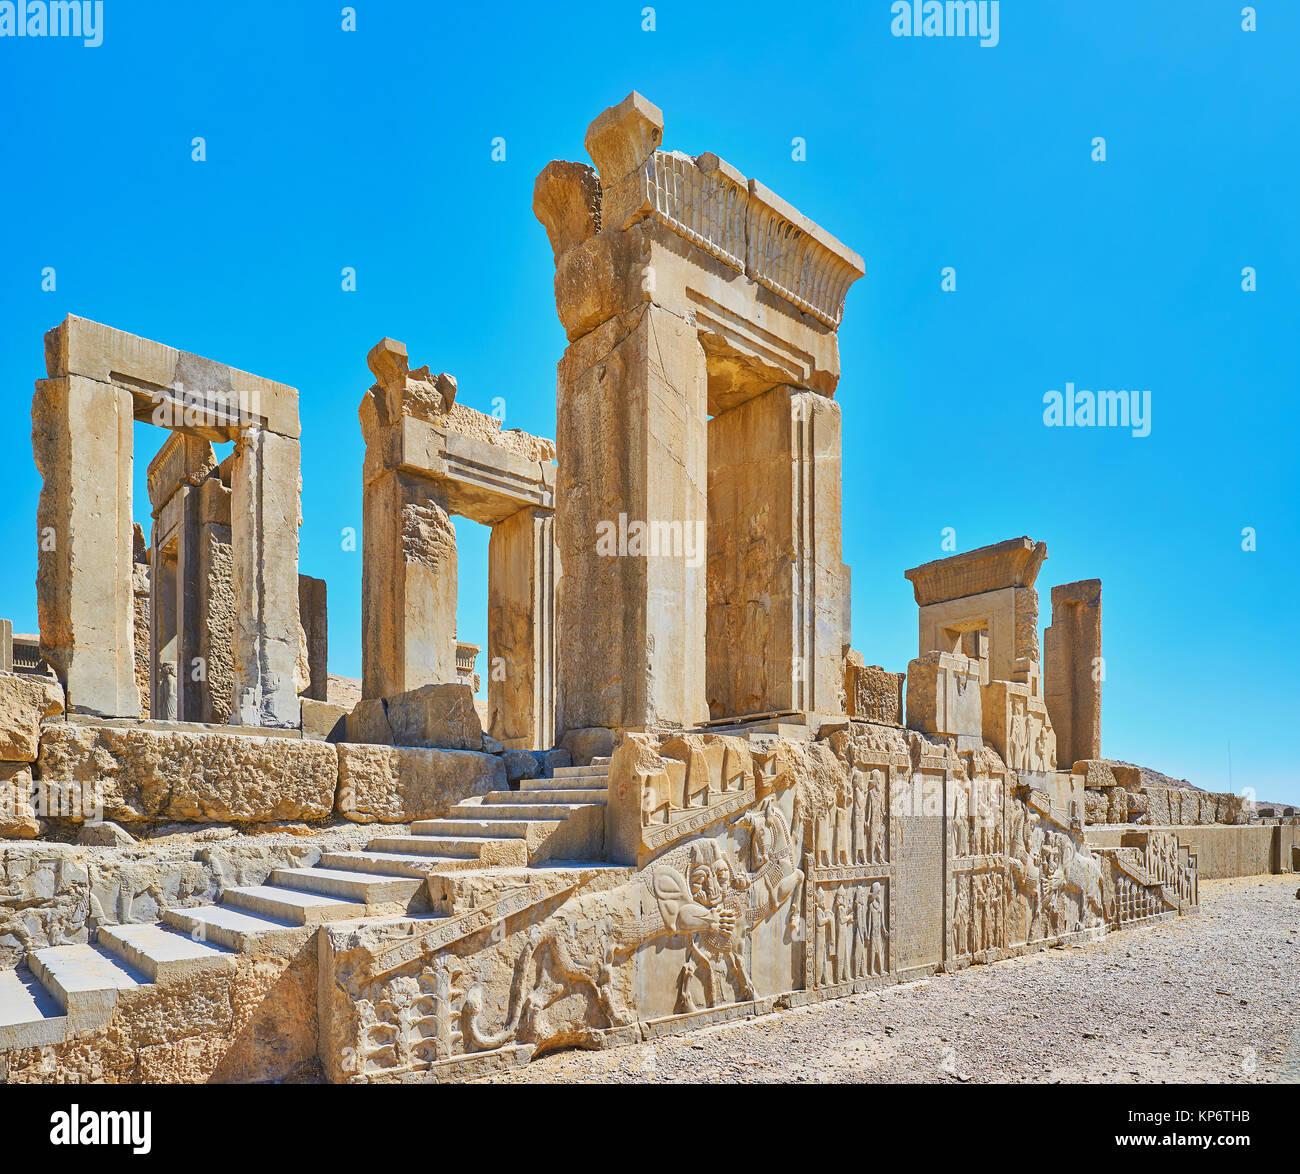 Las antiguas ruinas del palacio Tachara en Persépolis sitio arqueológico preservado con relieves y decoraciones Foto de stock